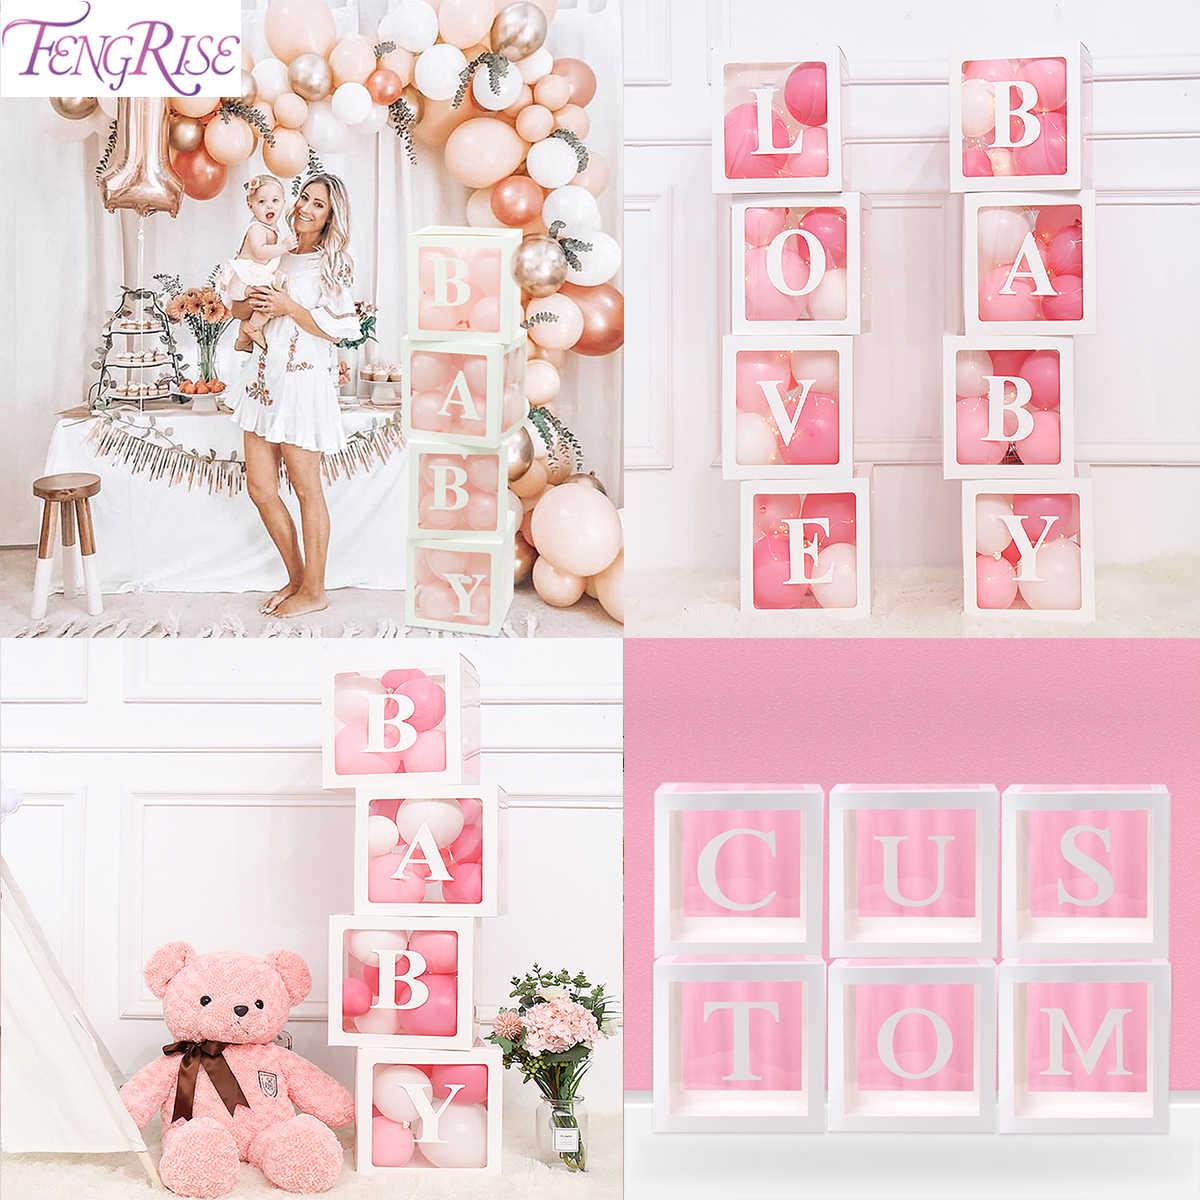 Cajas Bautizo.Caja De Letras Para Nino Nina Baby Shower Cumpleanos Fiesta